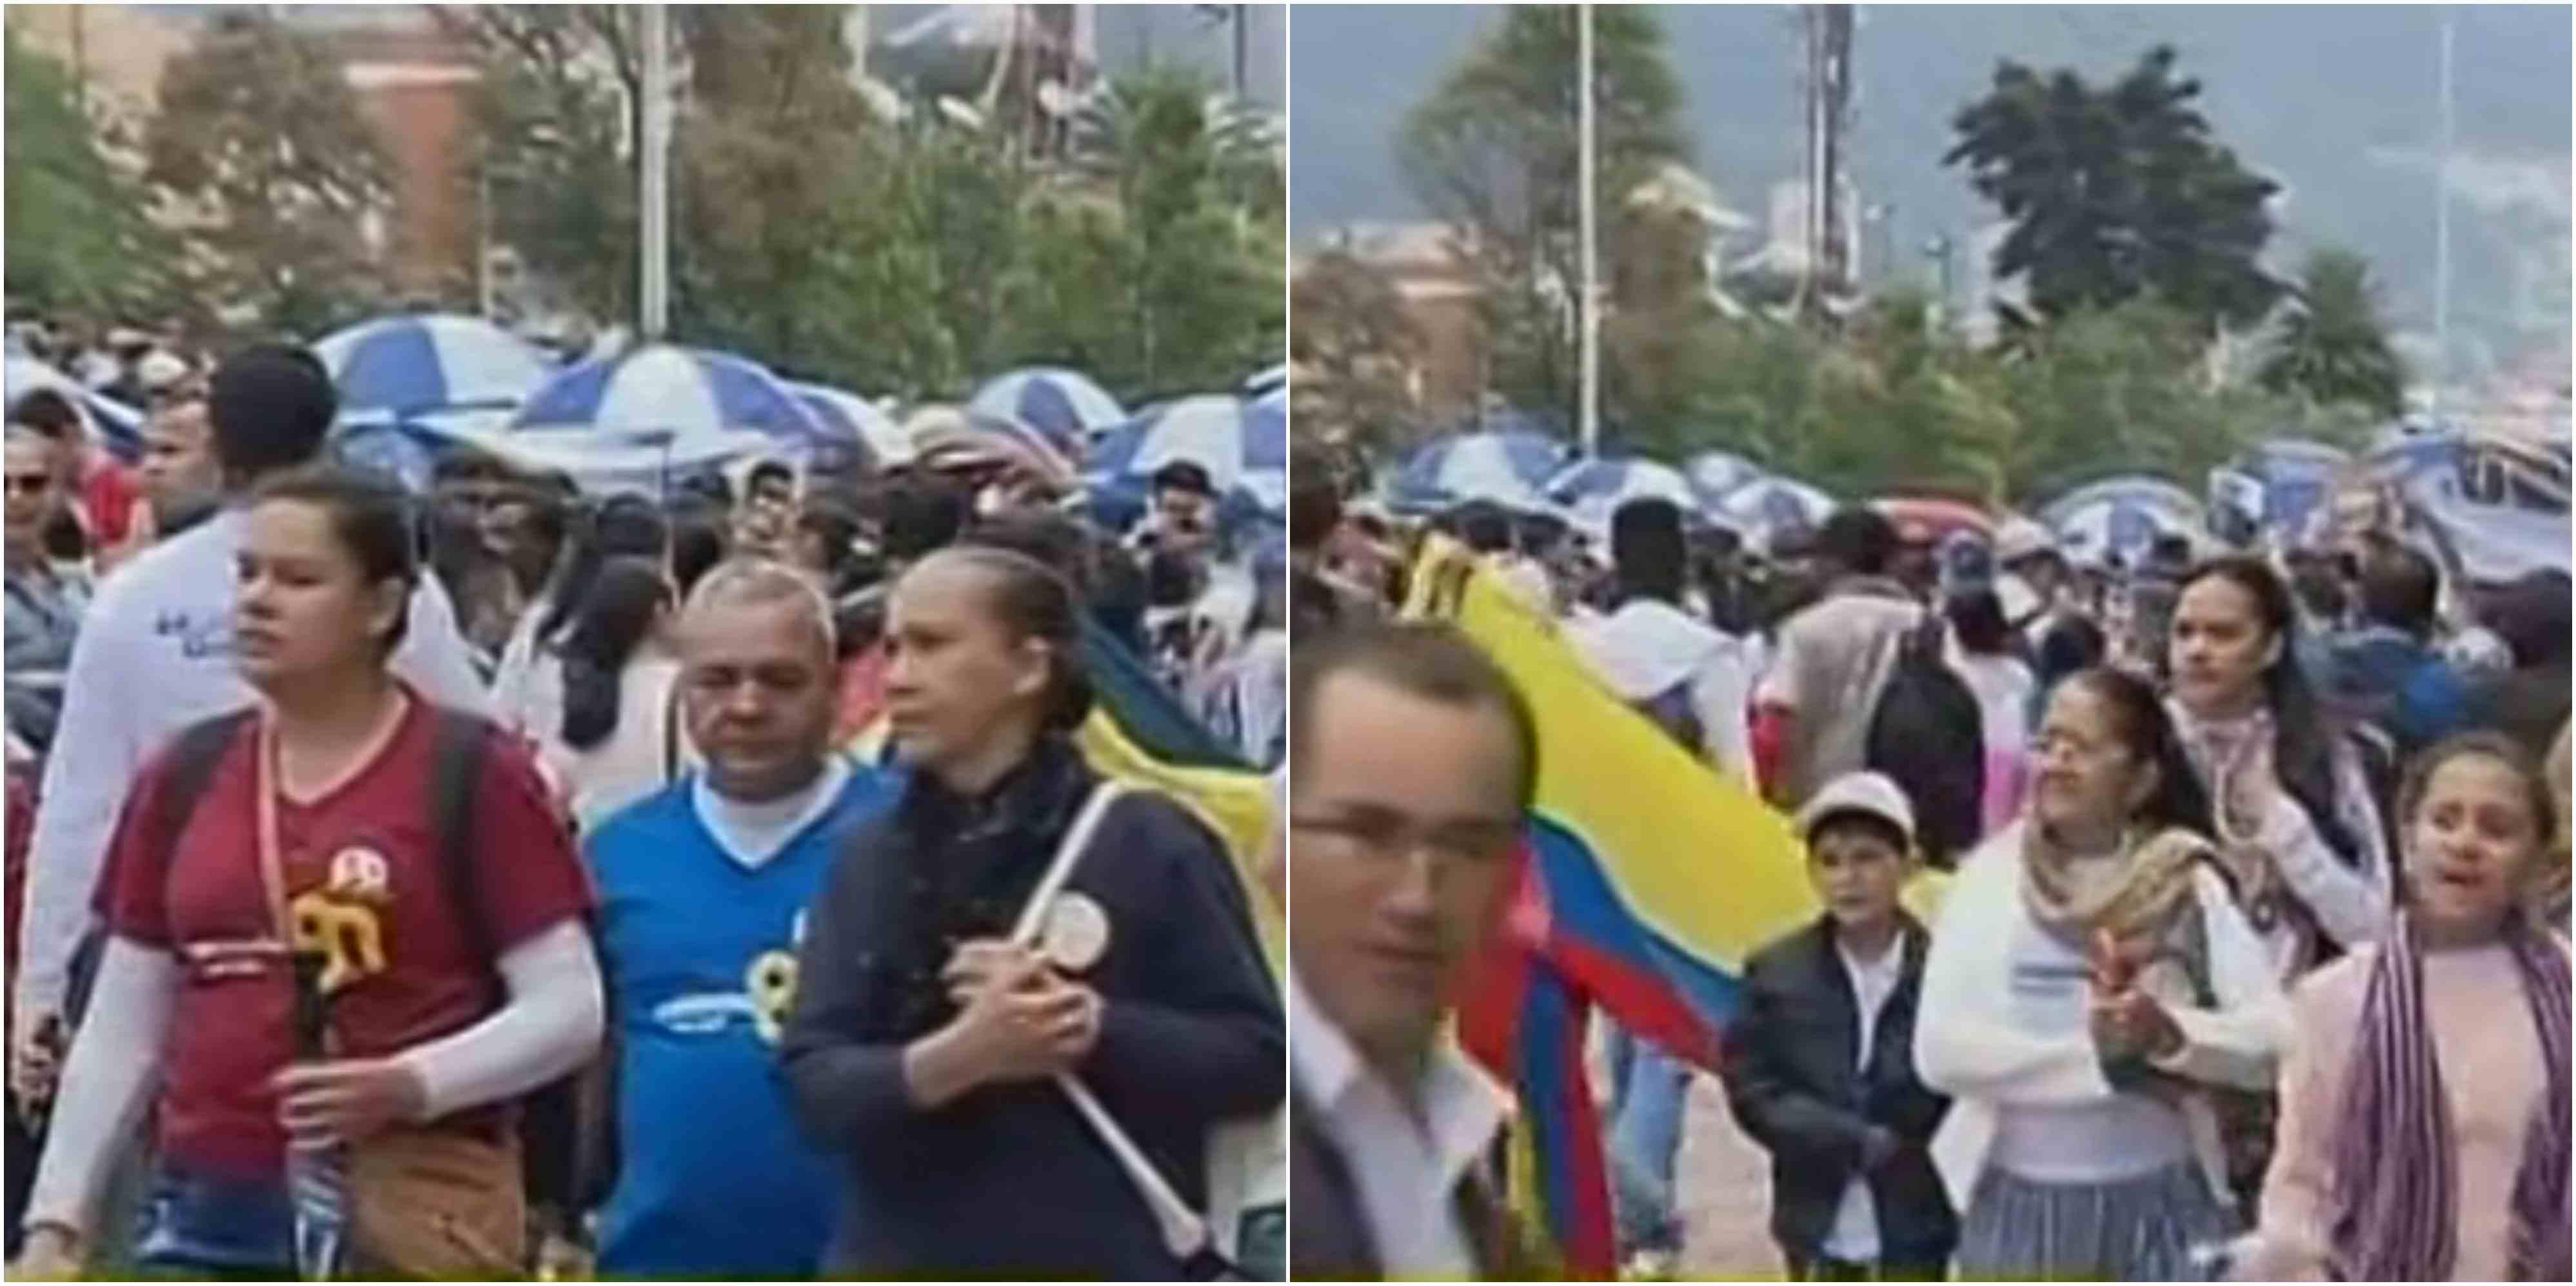 Cierres por marcha de cristianos Iglesia Pentecostal Unida de Colombia en Bogotá